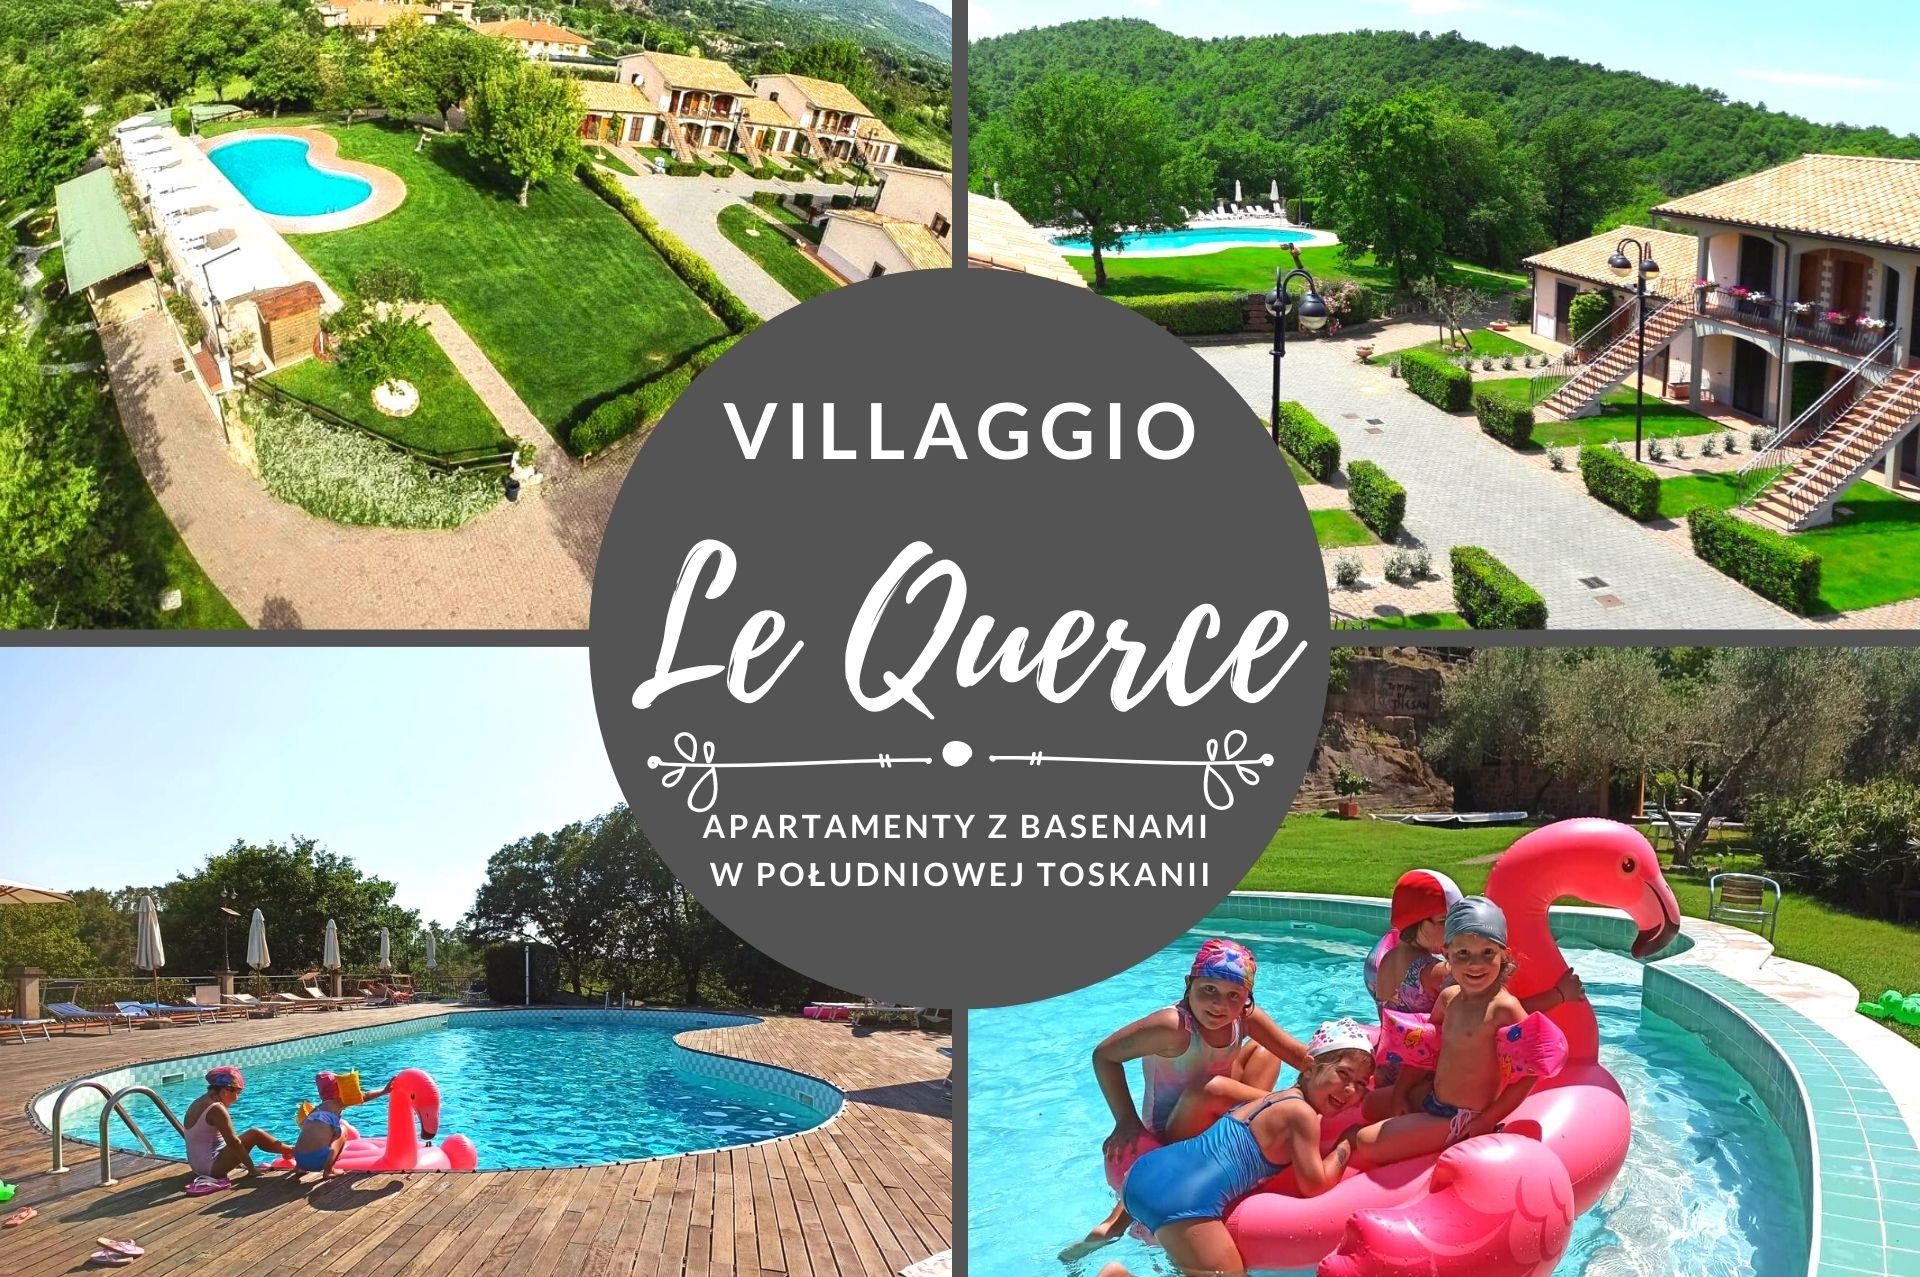 Villaggio Le Querce - apartamenty w Toskanii z basenem i mnóstwo atrakcji wokół: termy, jezioro i średniowieczne miasta